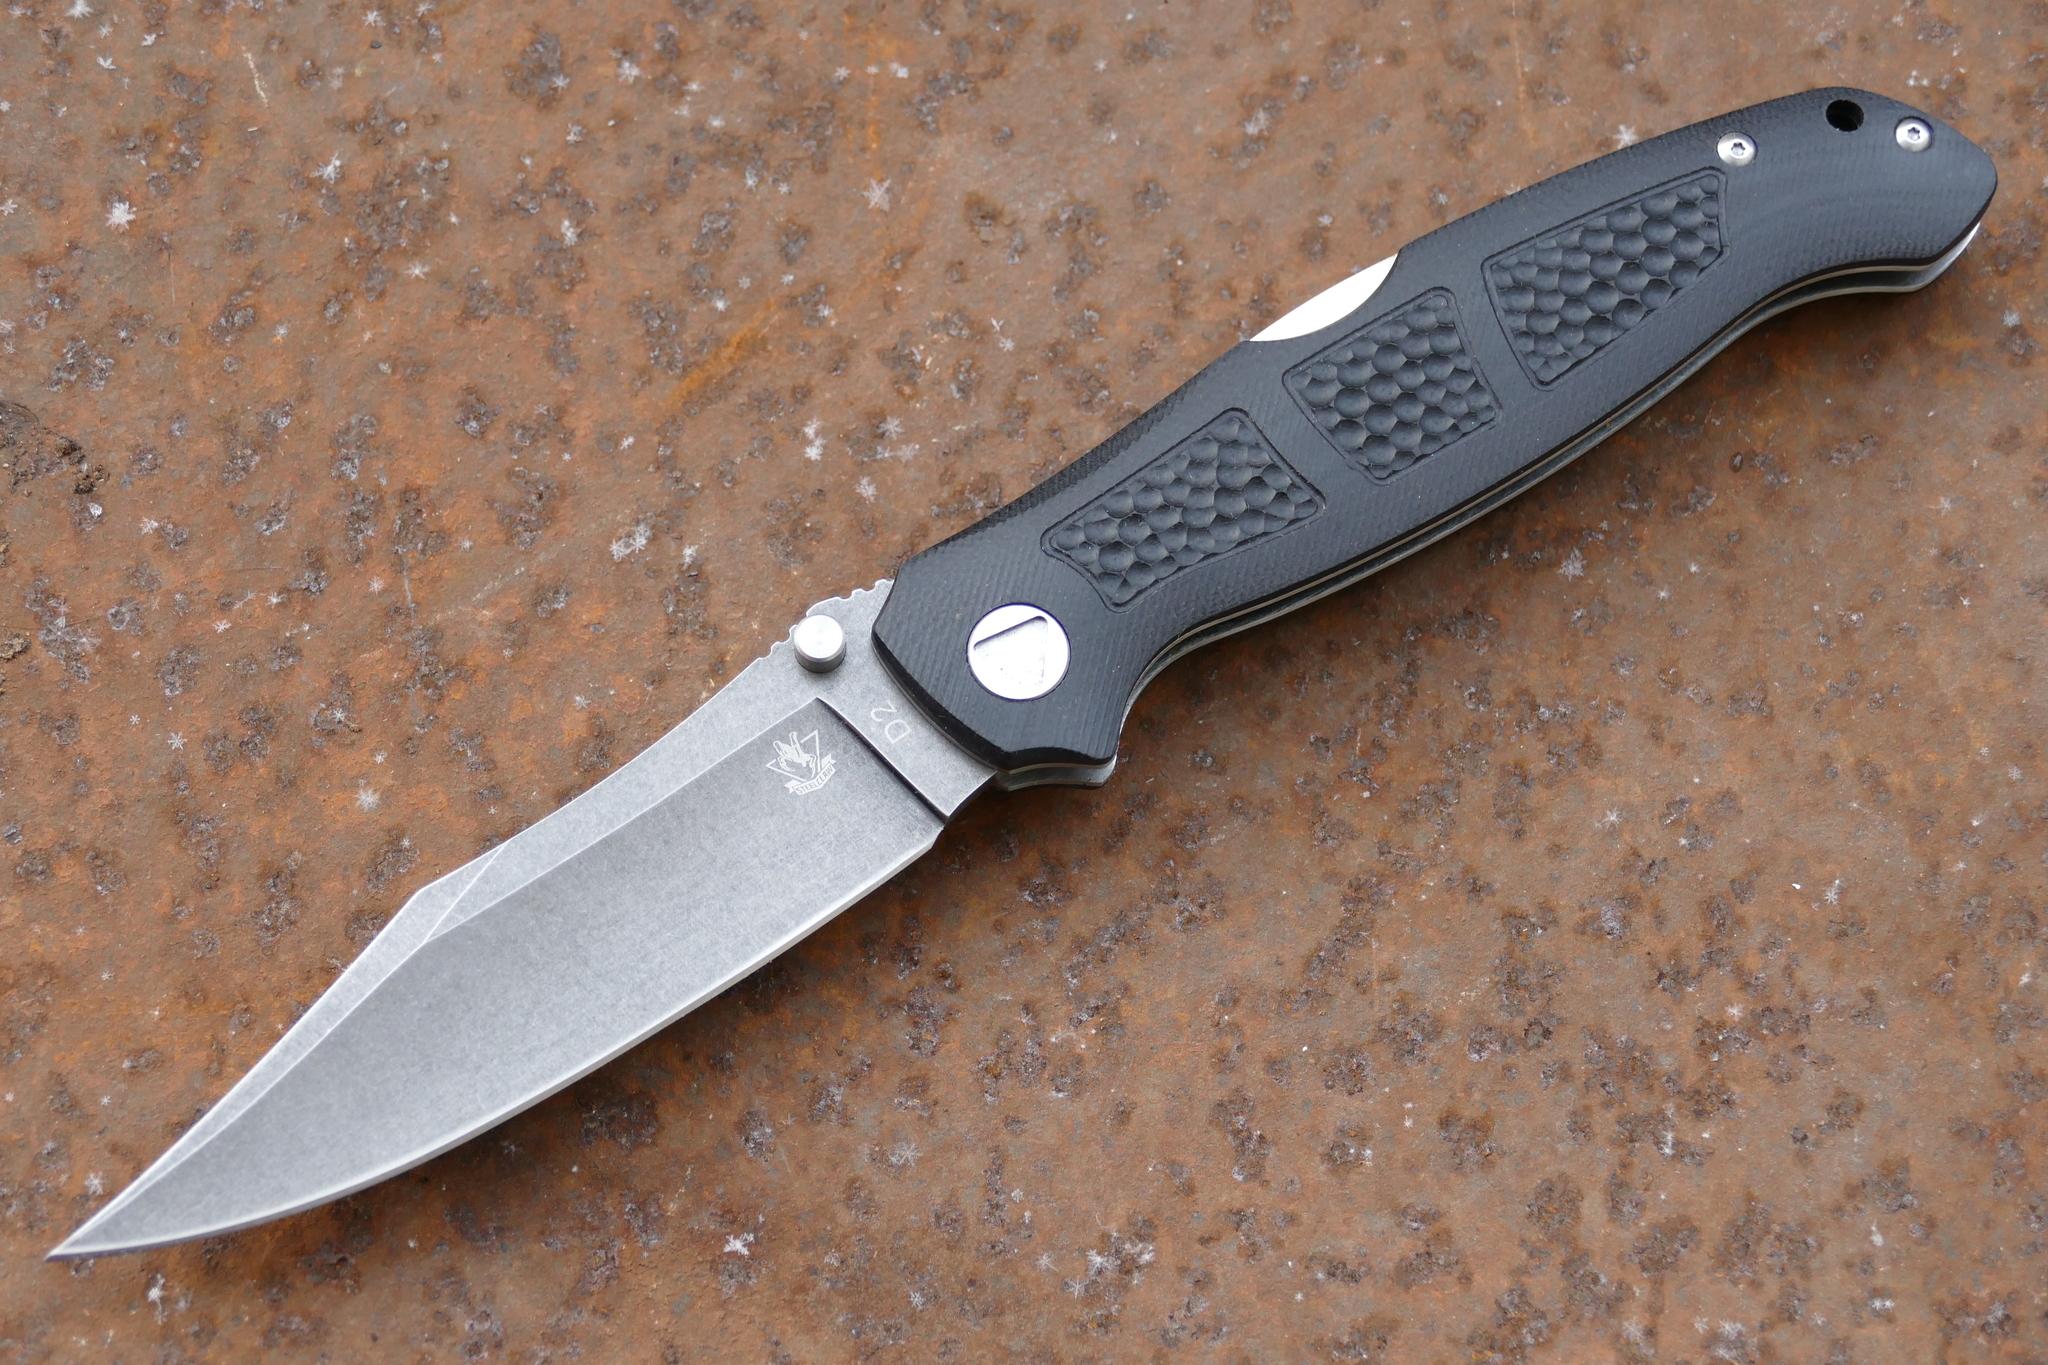 Фото 9 - Складной нож Брат 4, D2 от Steelclaw